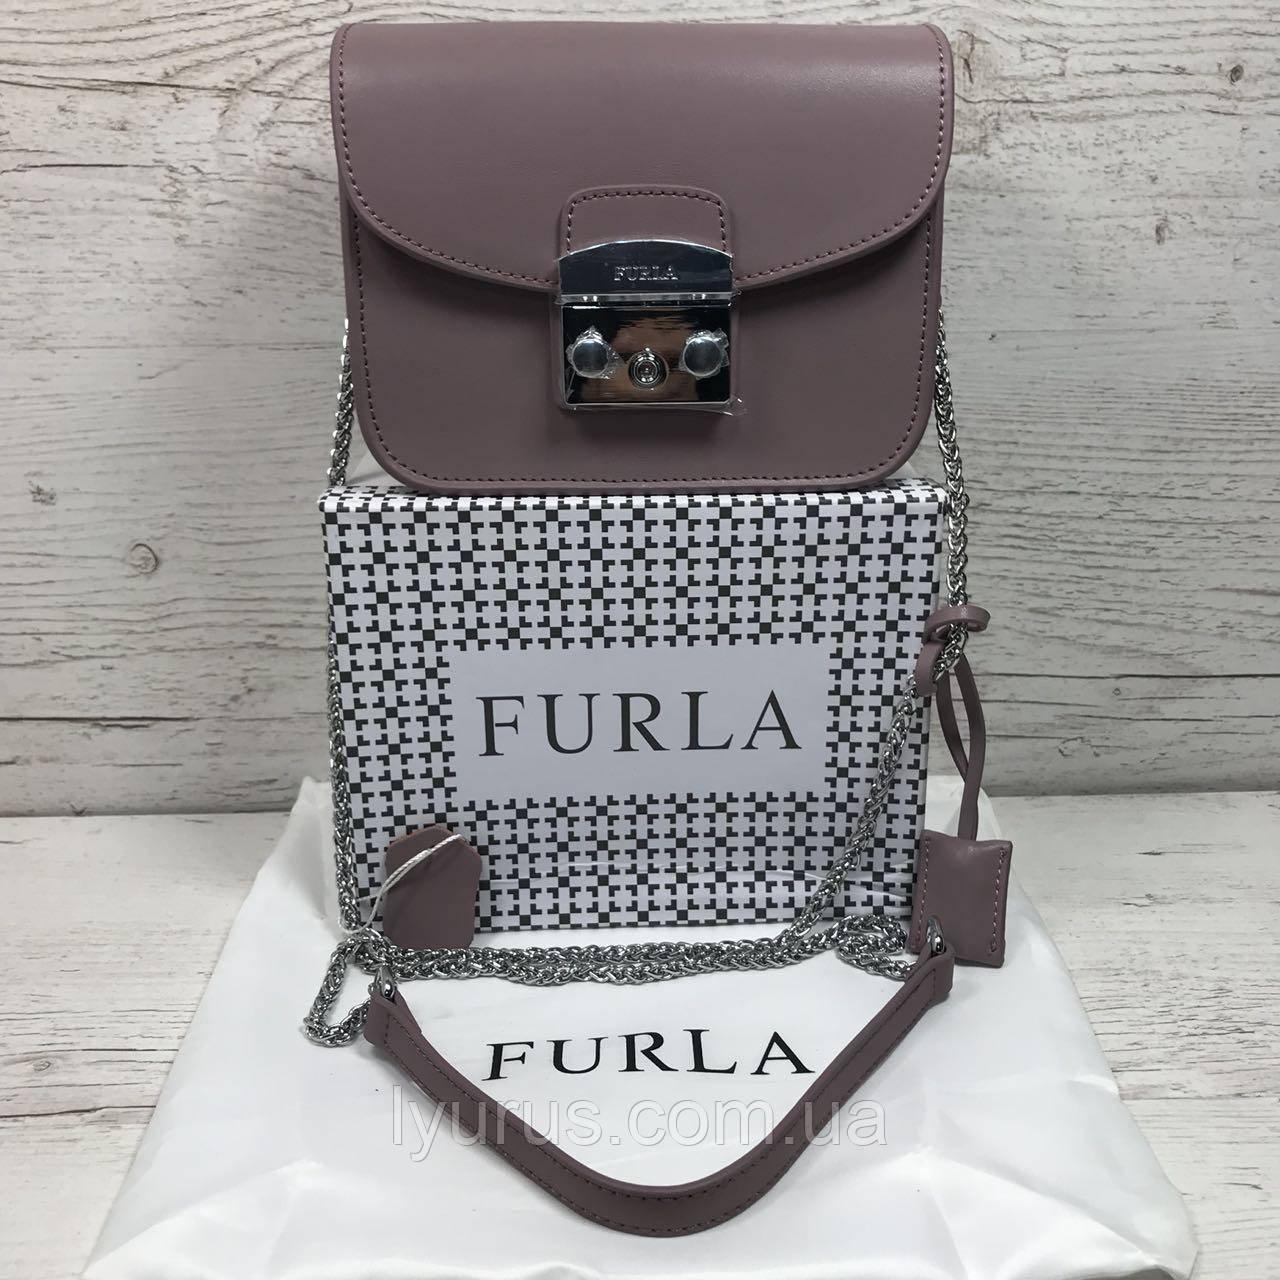 Кожаная сумка клатч Furla metropolis